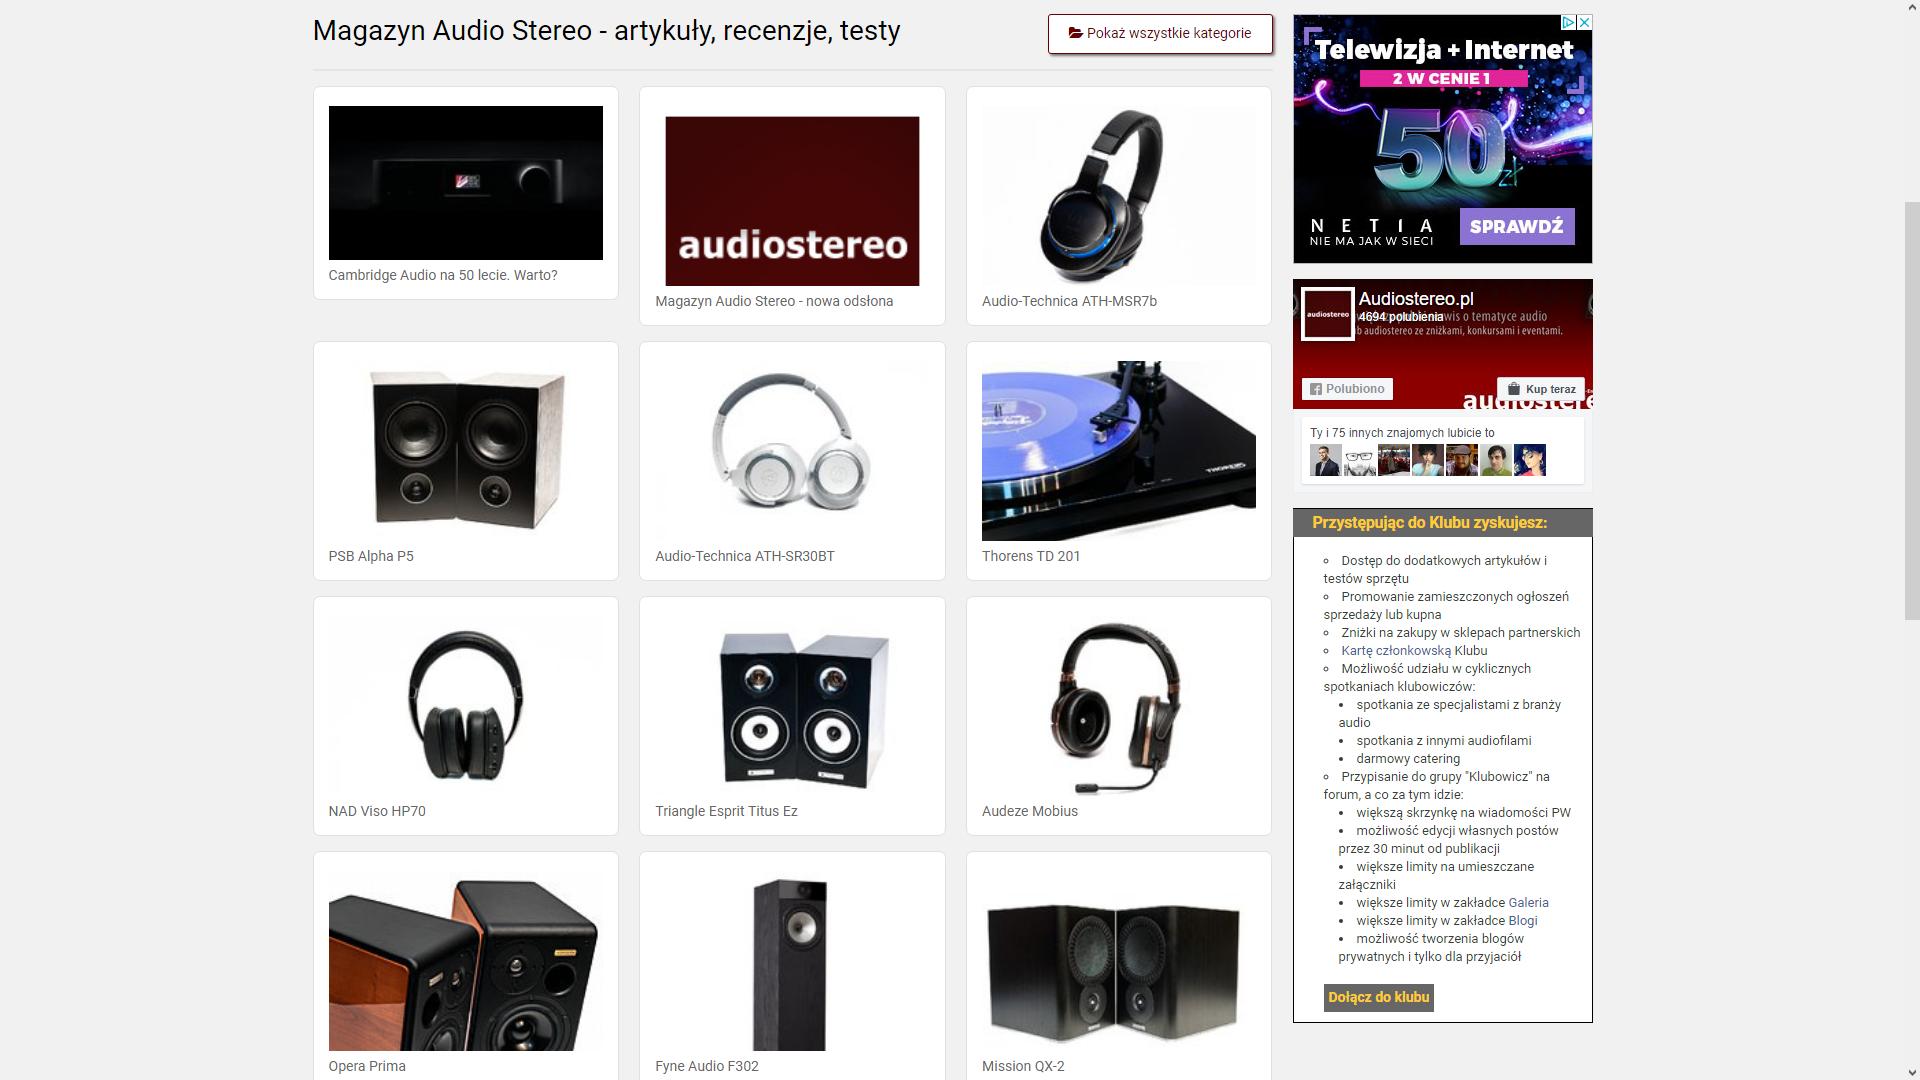 Magazyn audiostereo - nowa odsłona